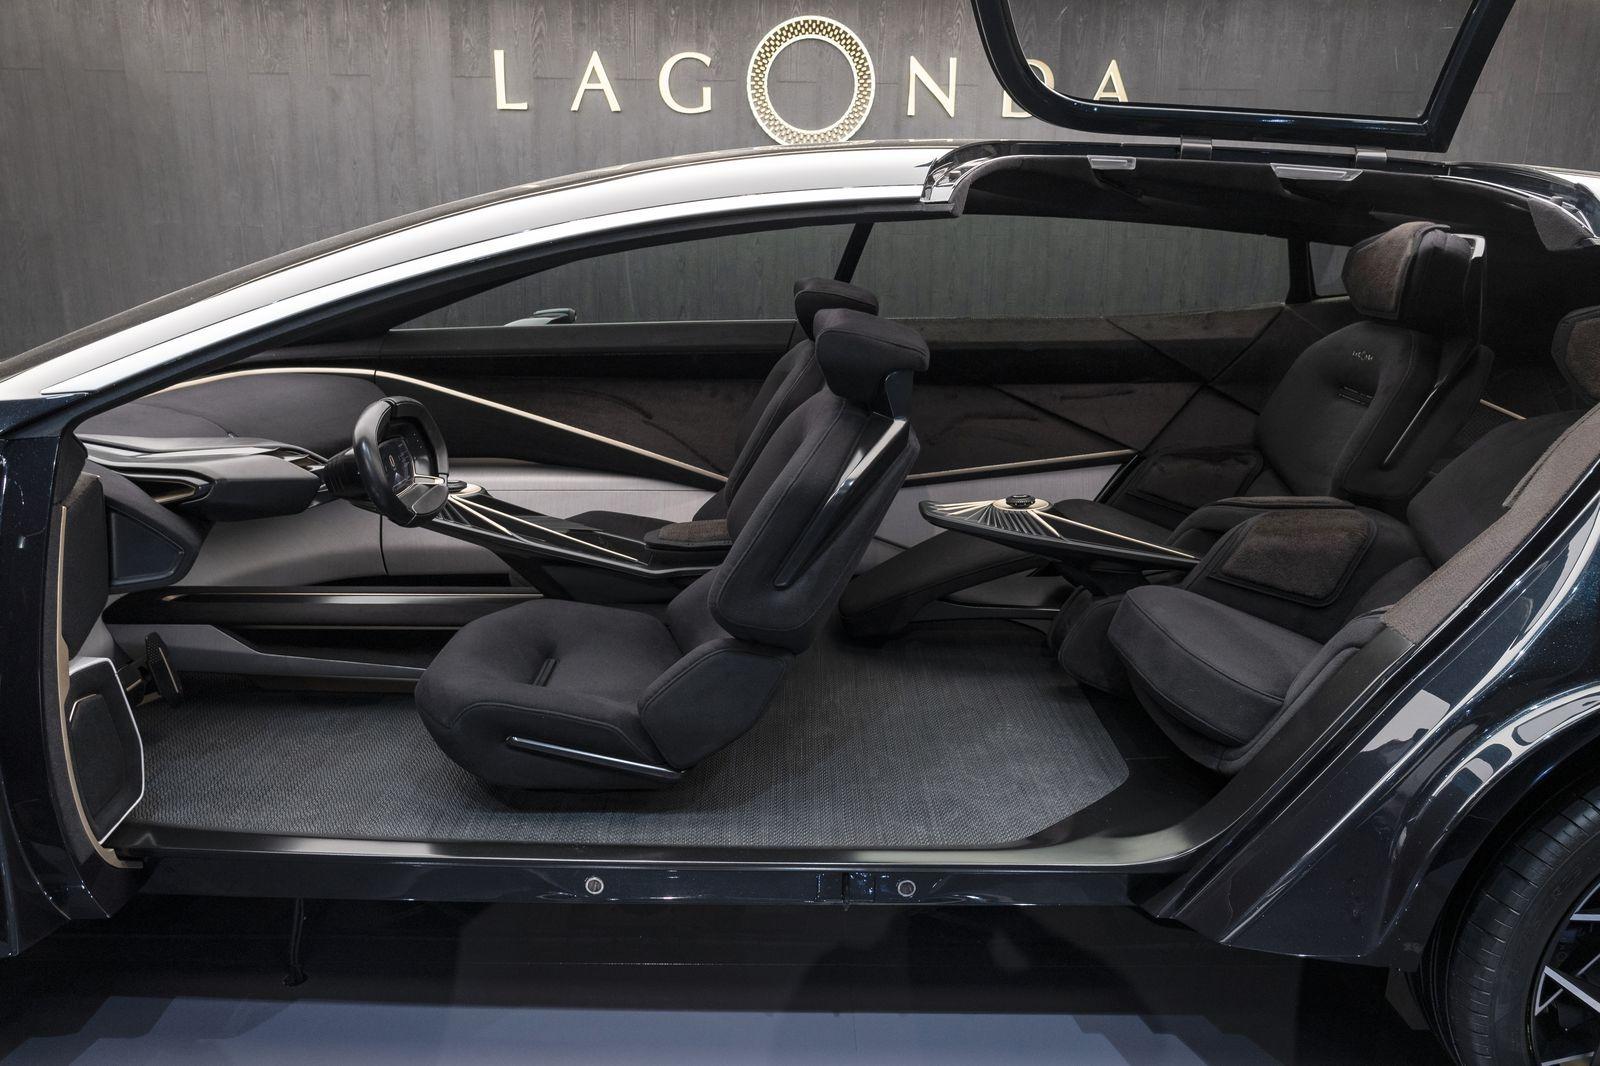 Lagonda_all_terrain_AutoRok_2019__14